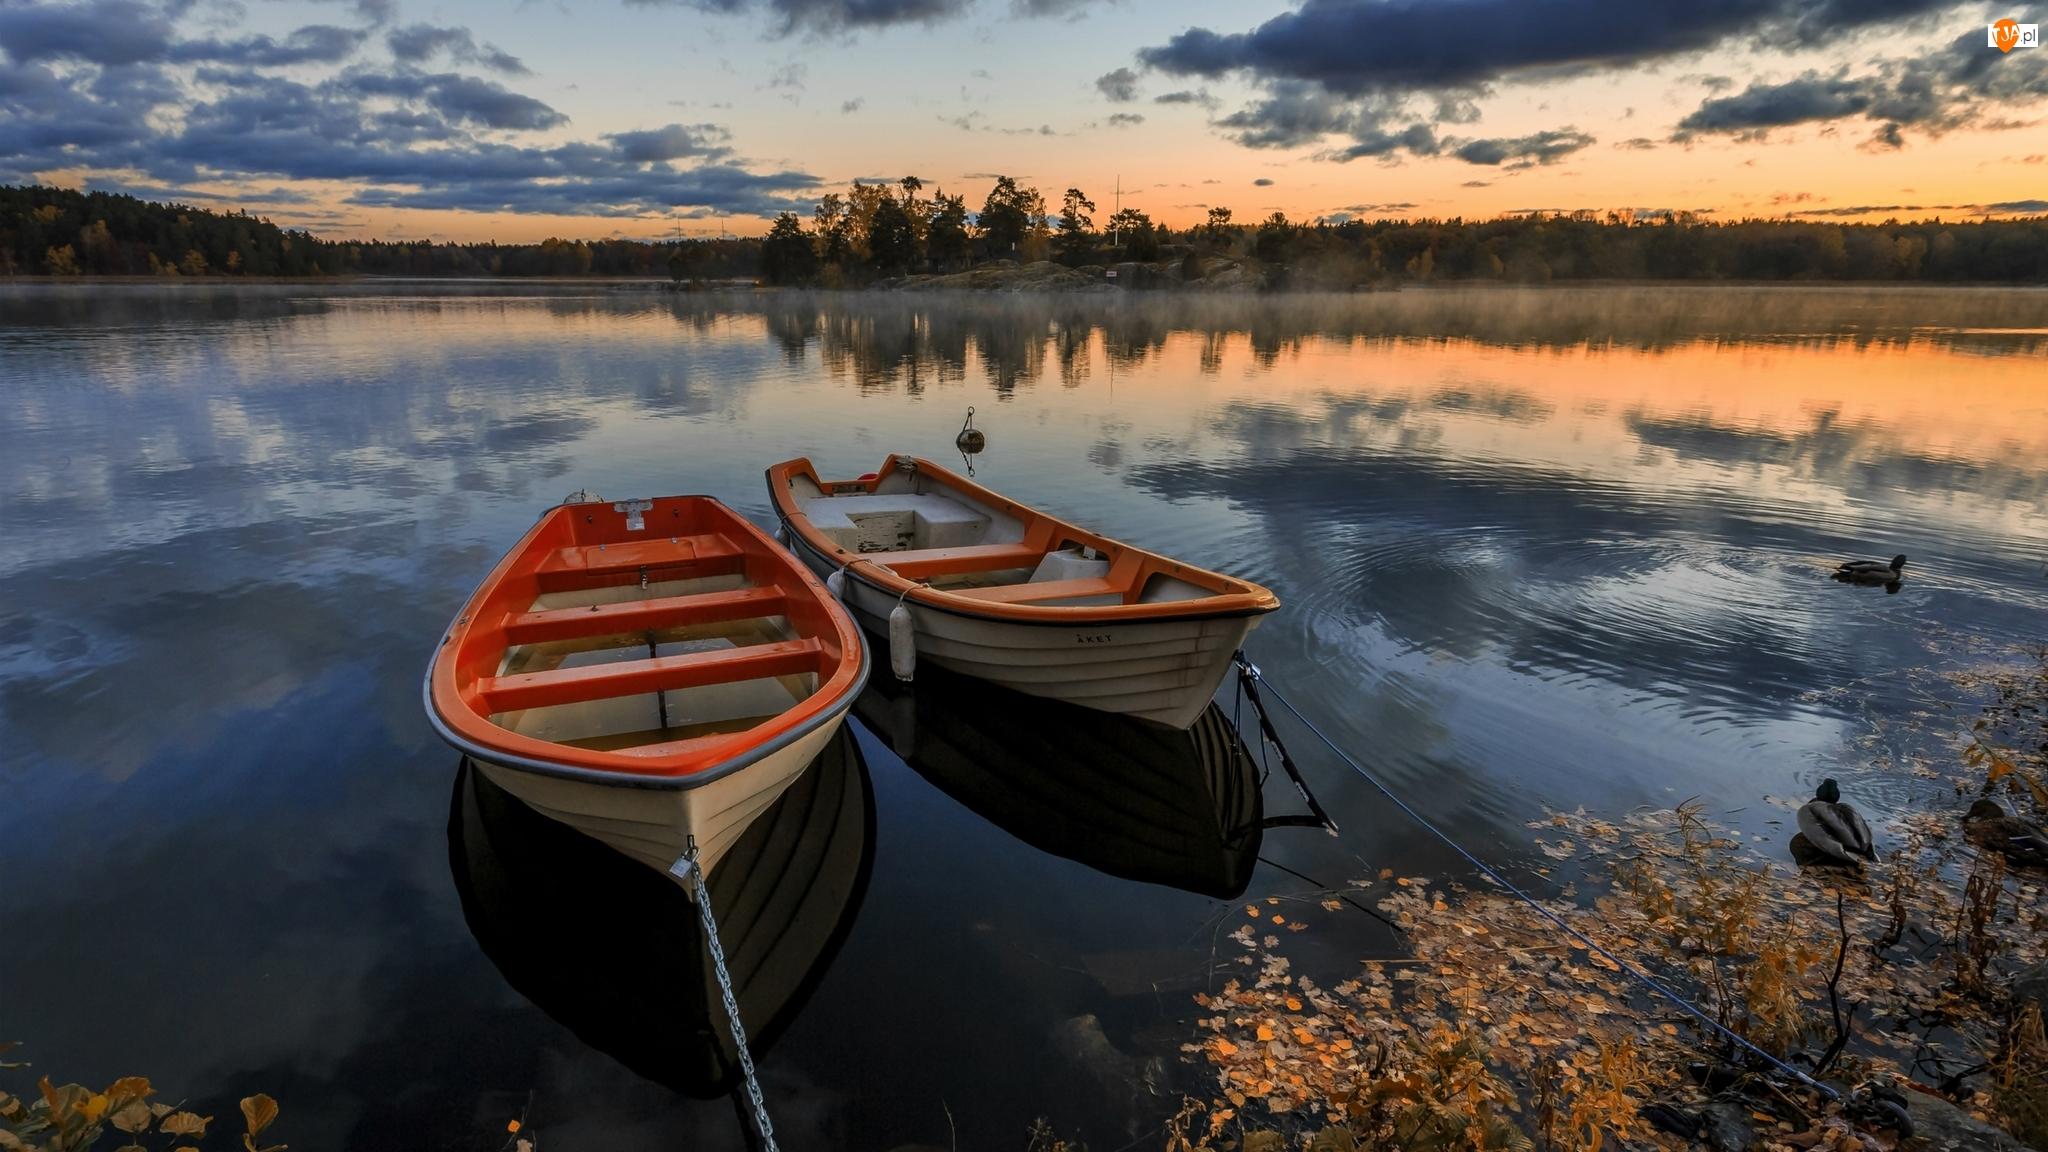 Zachód słońca, Jezioro, Kaczki, Łódki, Lasy